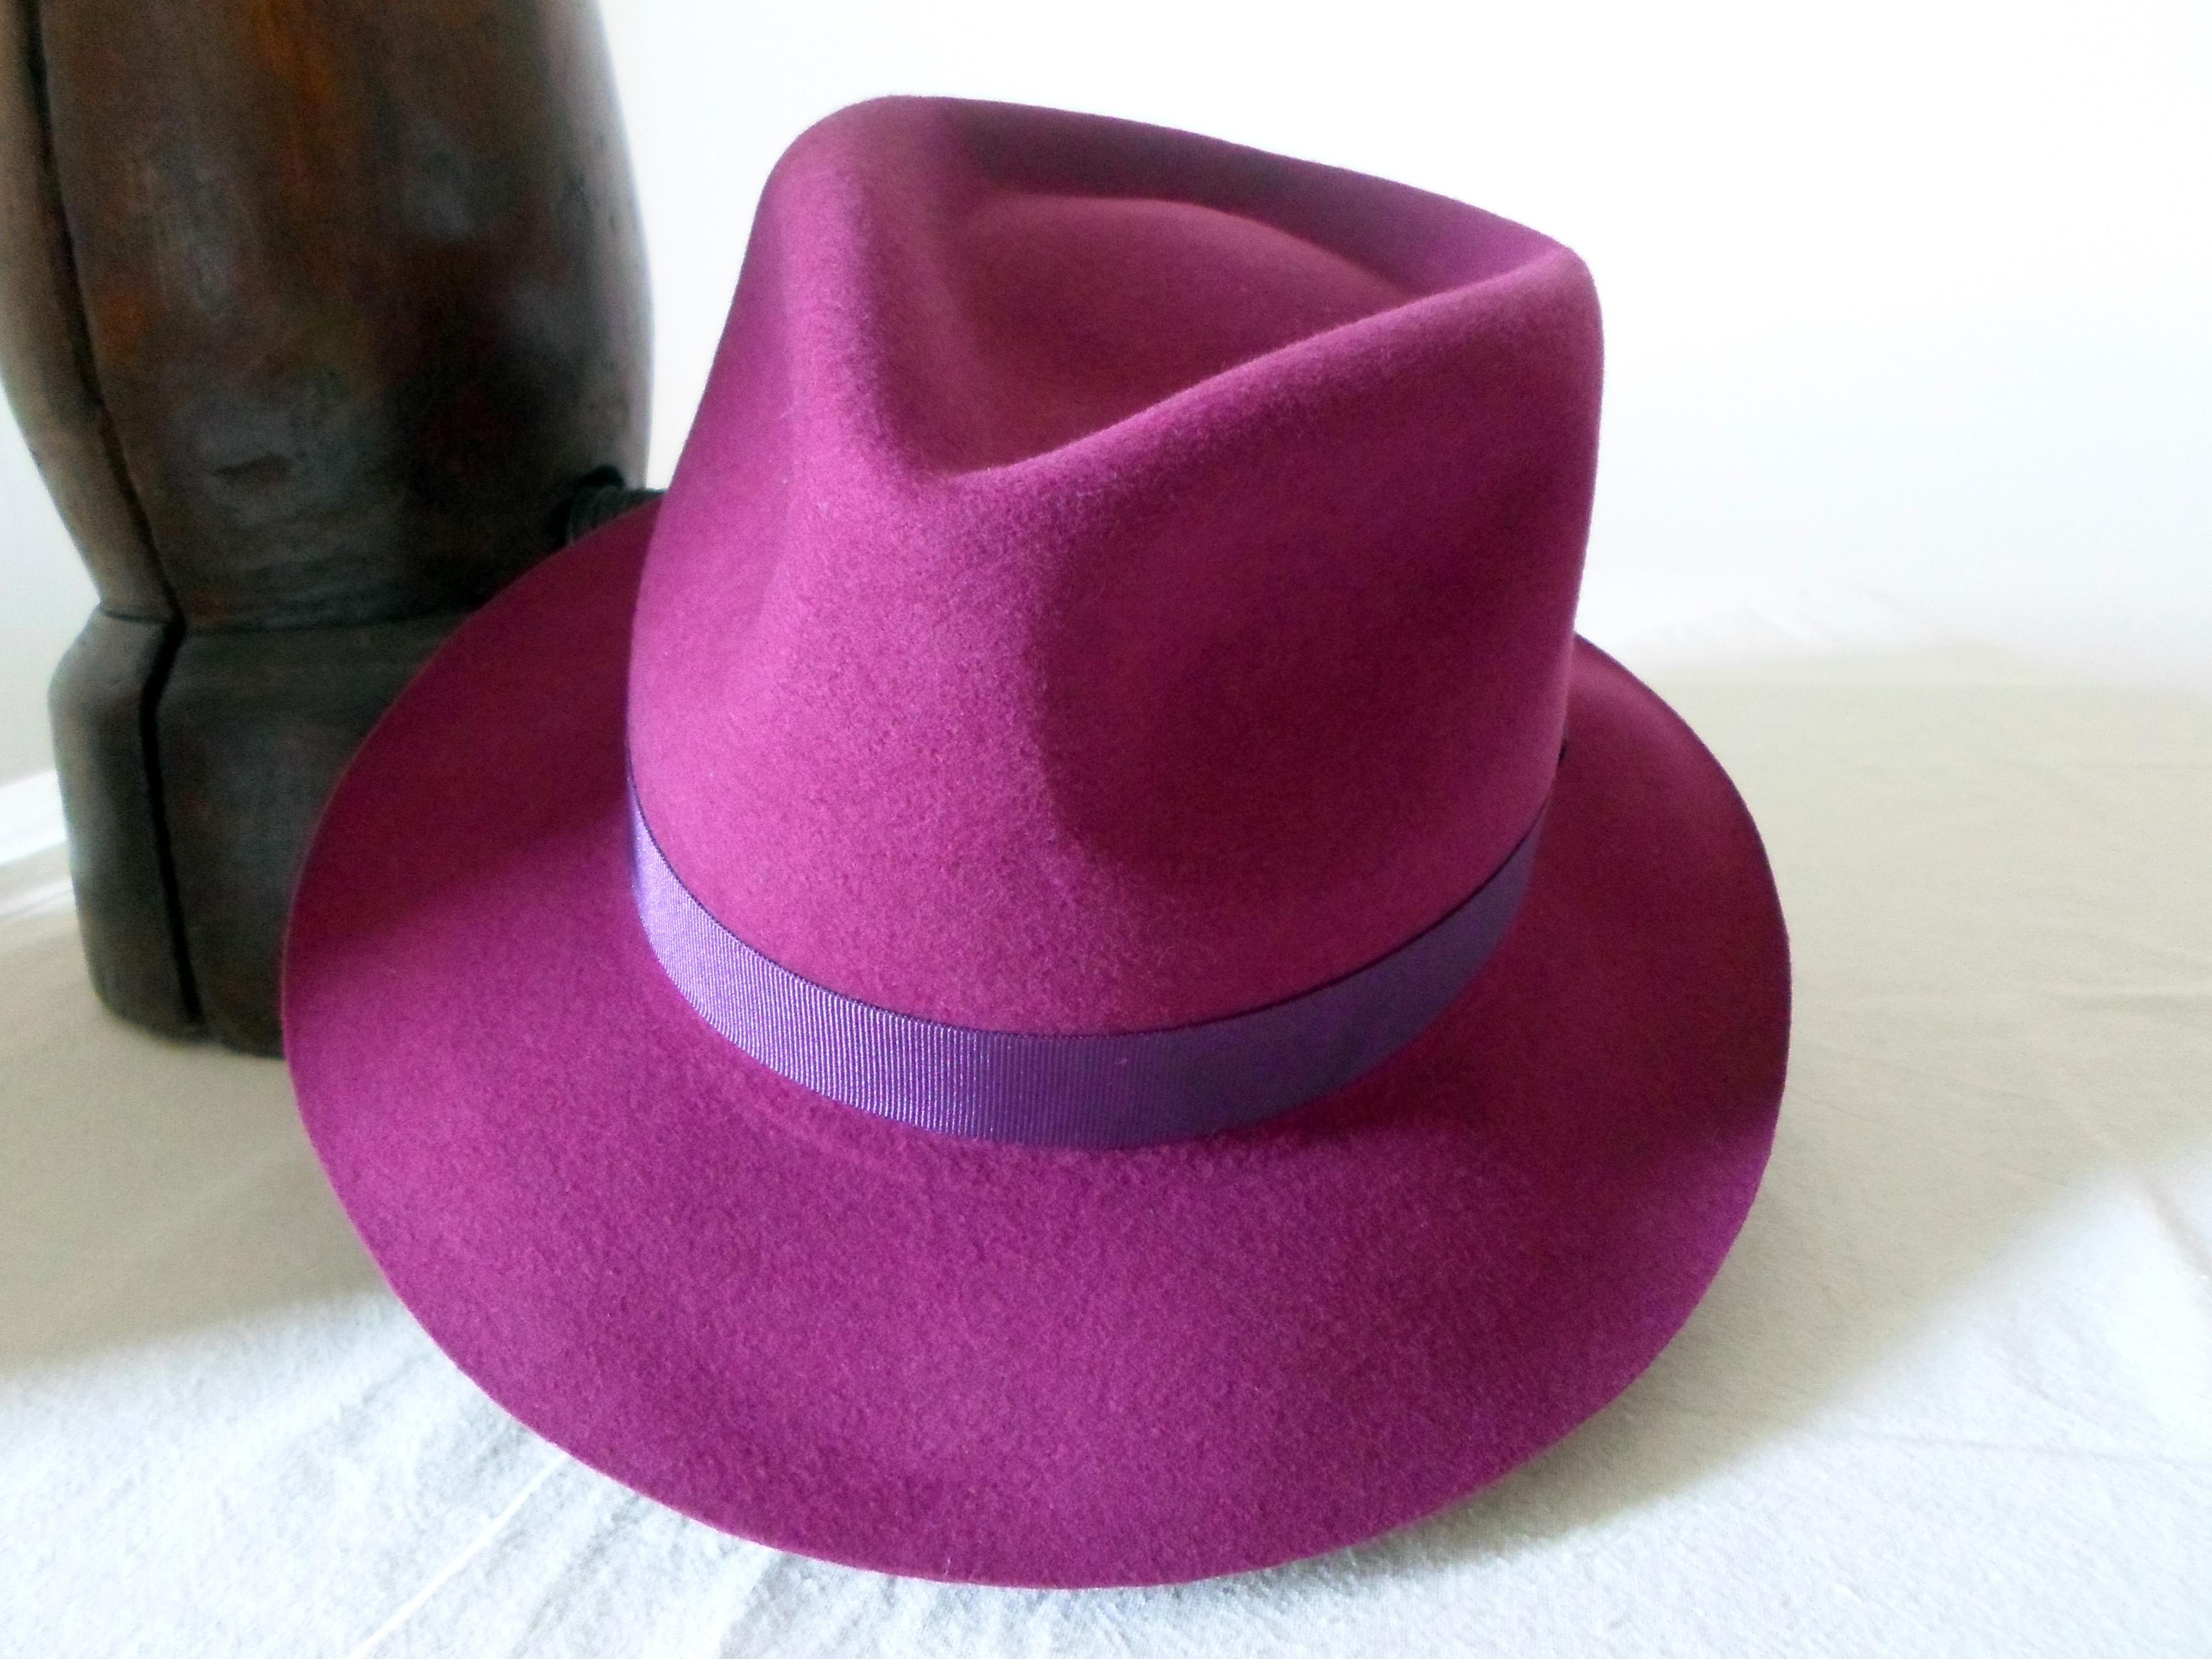 777ba3b6f5ab9 Burgundy Wine Pink Wool Felt Fedora - Wide Brim Merino Wool Felt ...